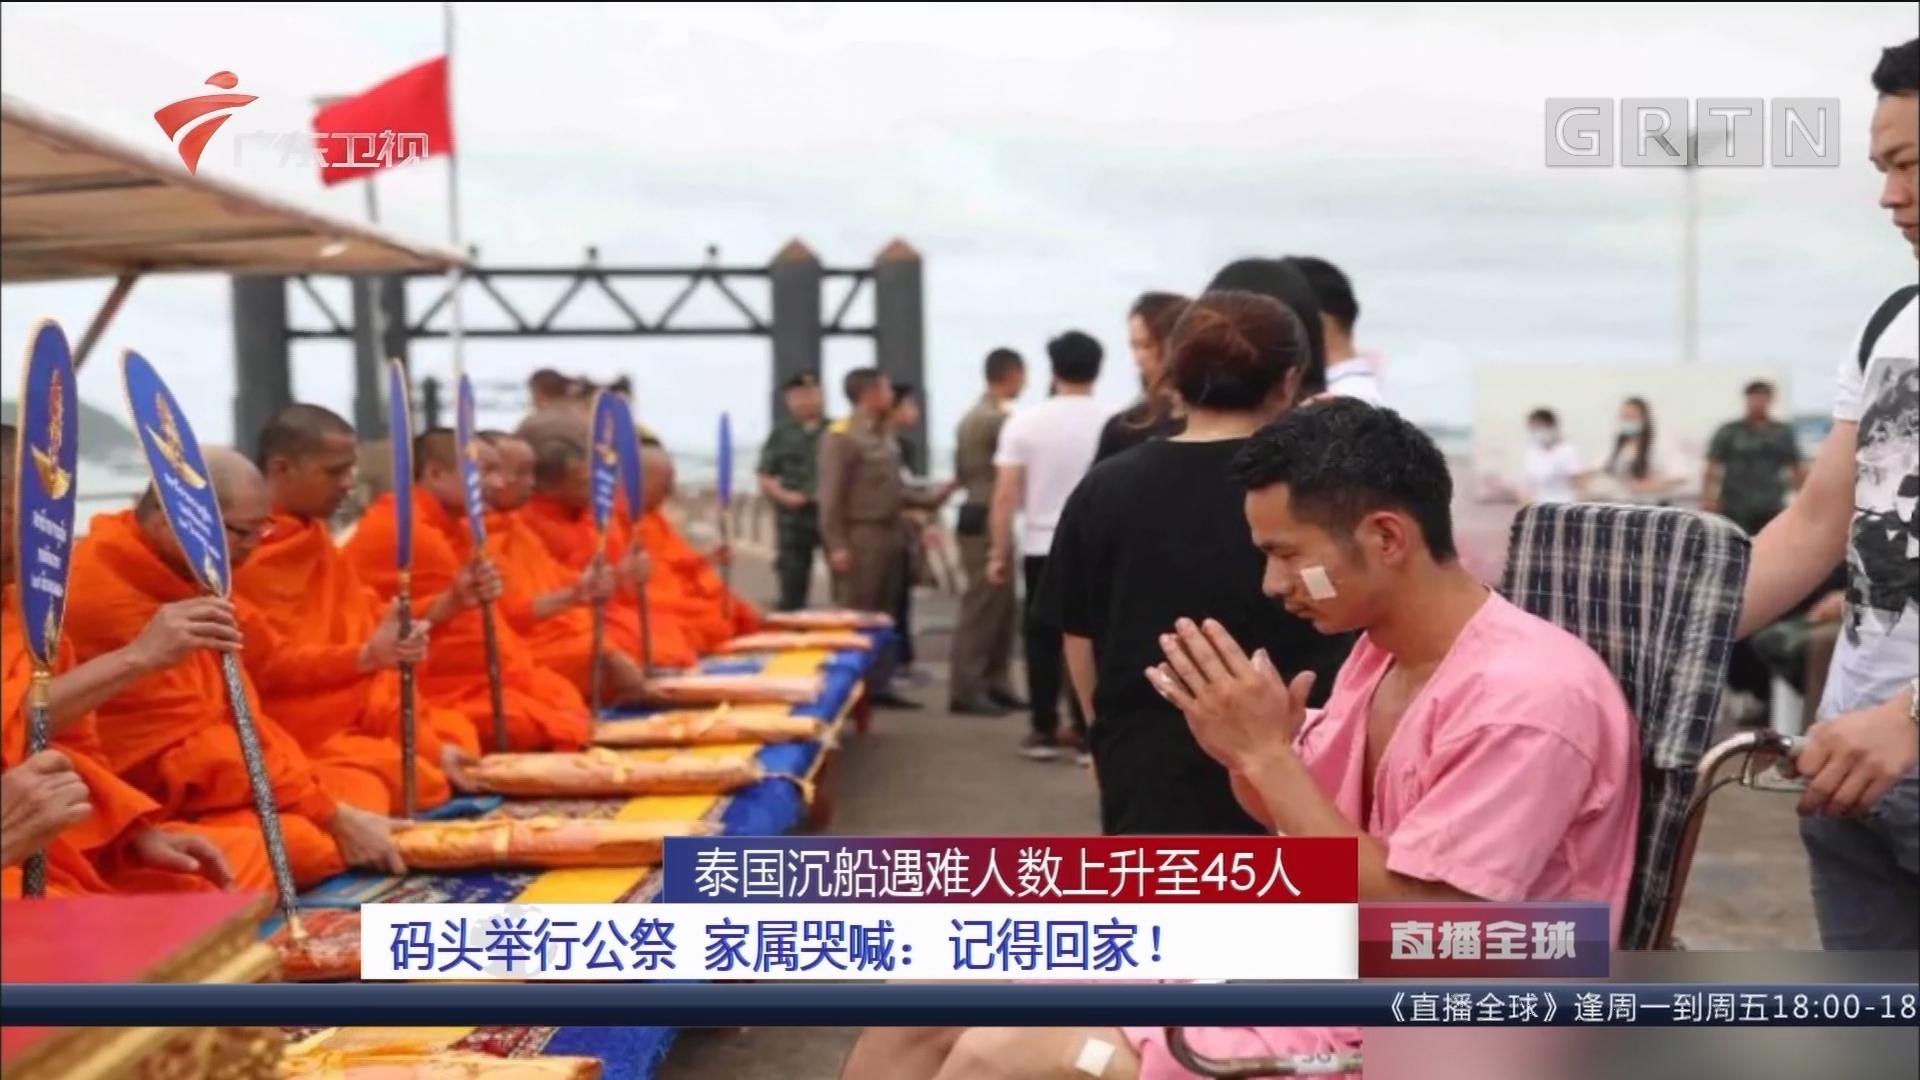 泰国沉船遇难人数上升至45人 码头举行公祭 家属哭喊:记得回家!